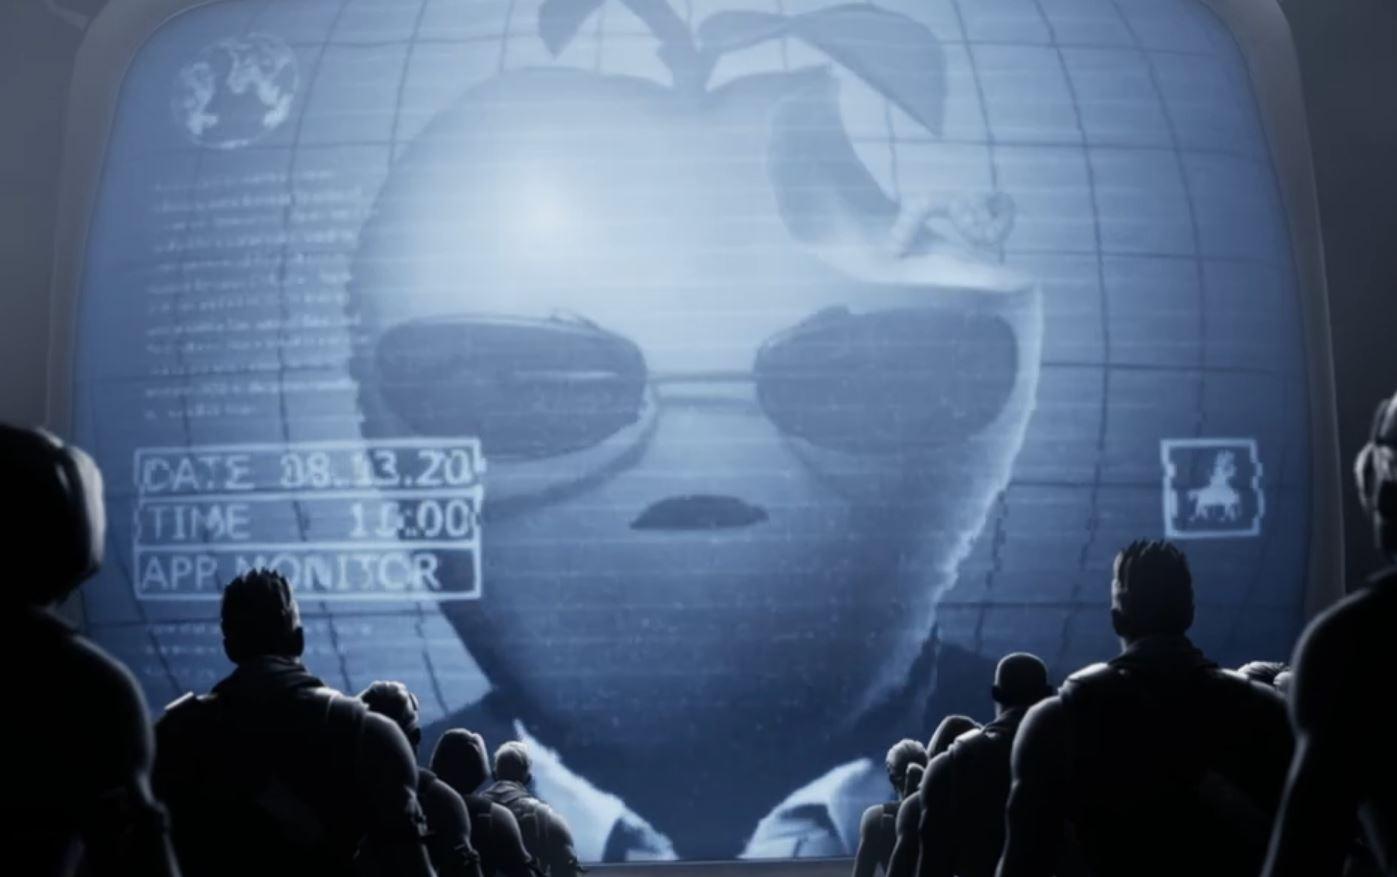 Правозащитники в Европе подали жалобу на Apple за незаконную слежку за пользователями